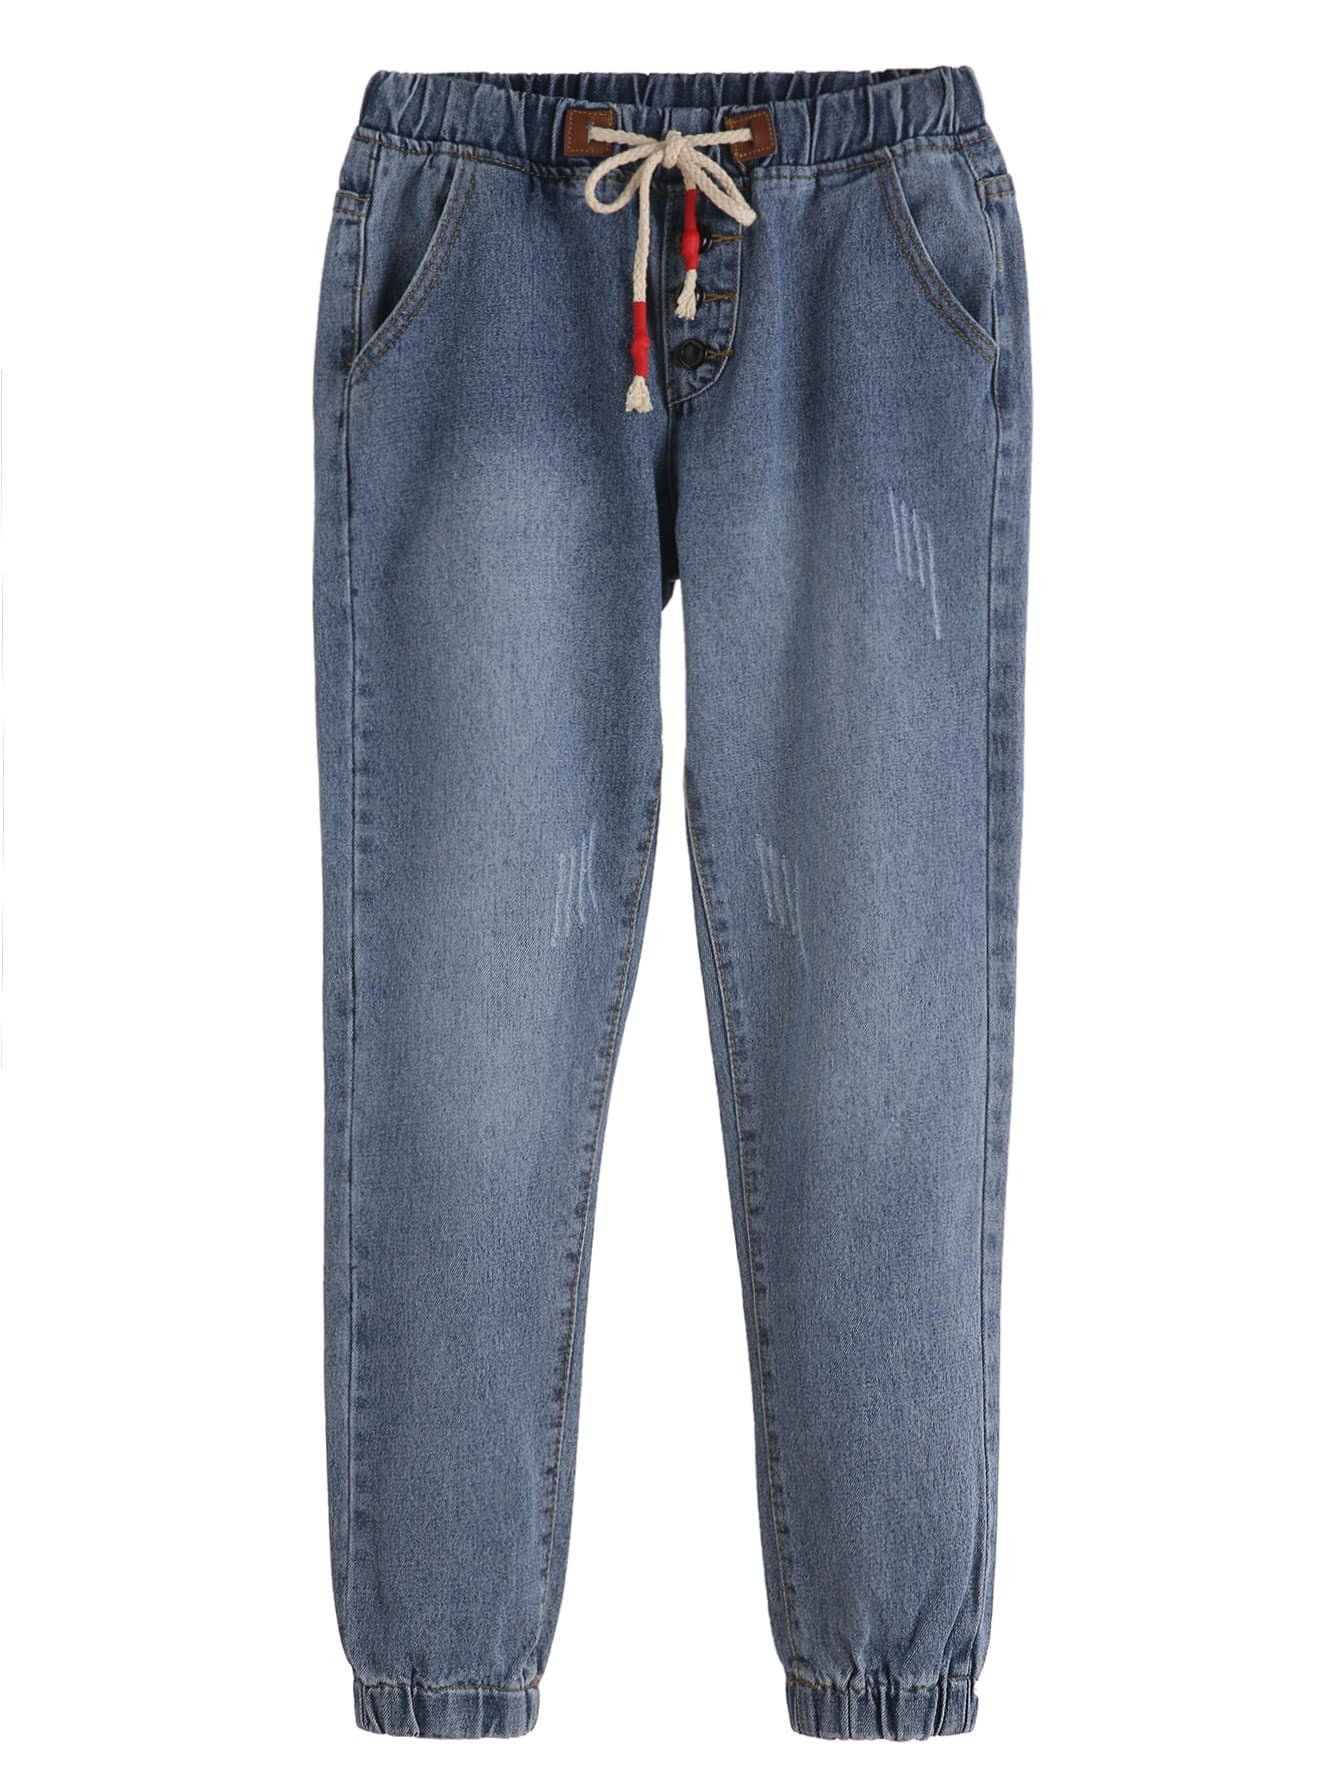 pants160830002_2